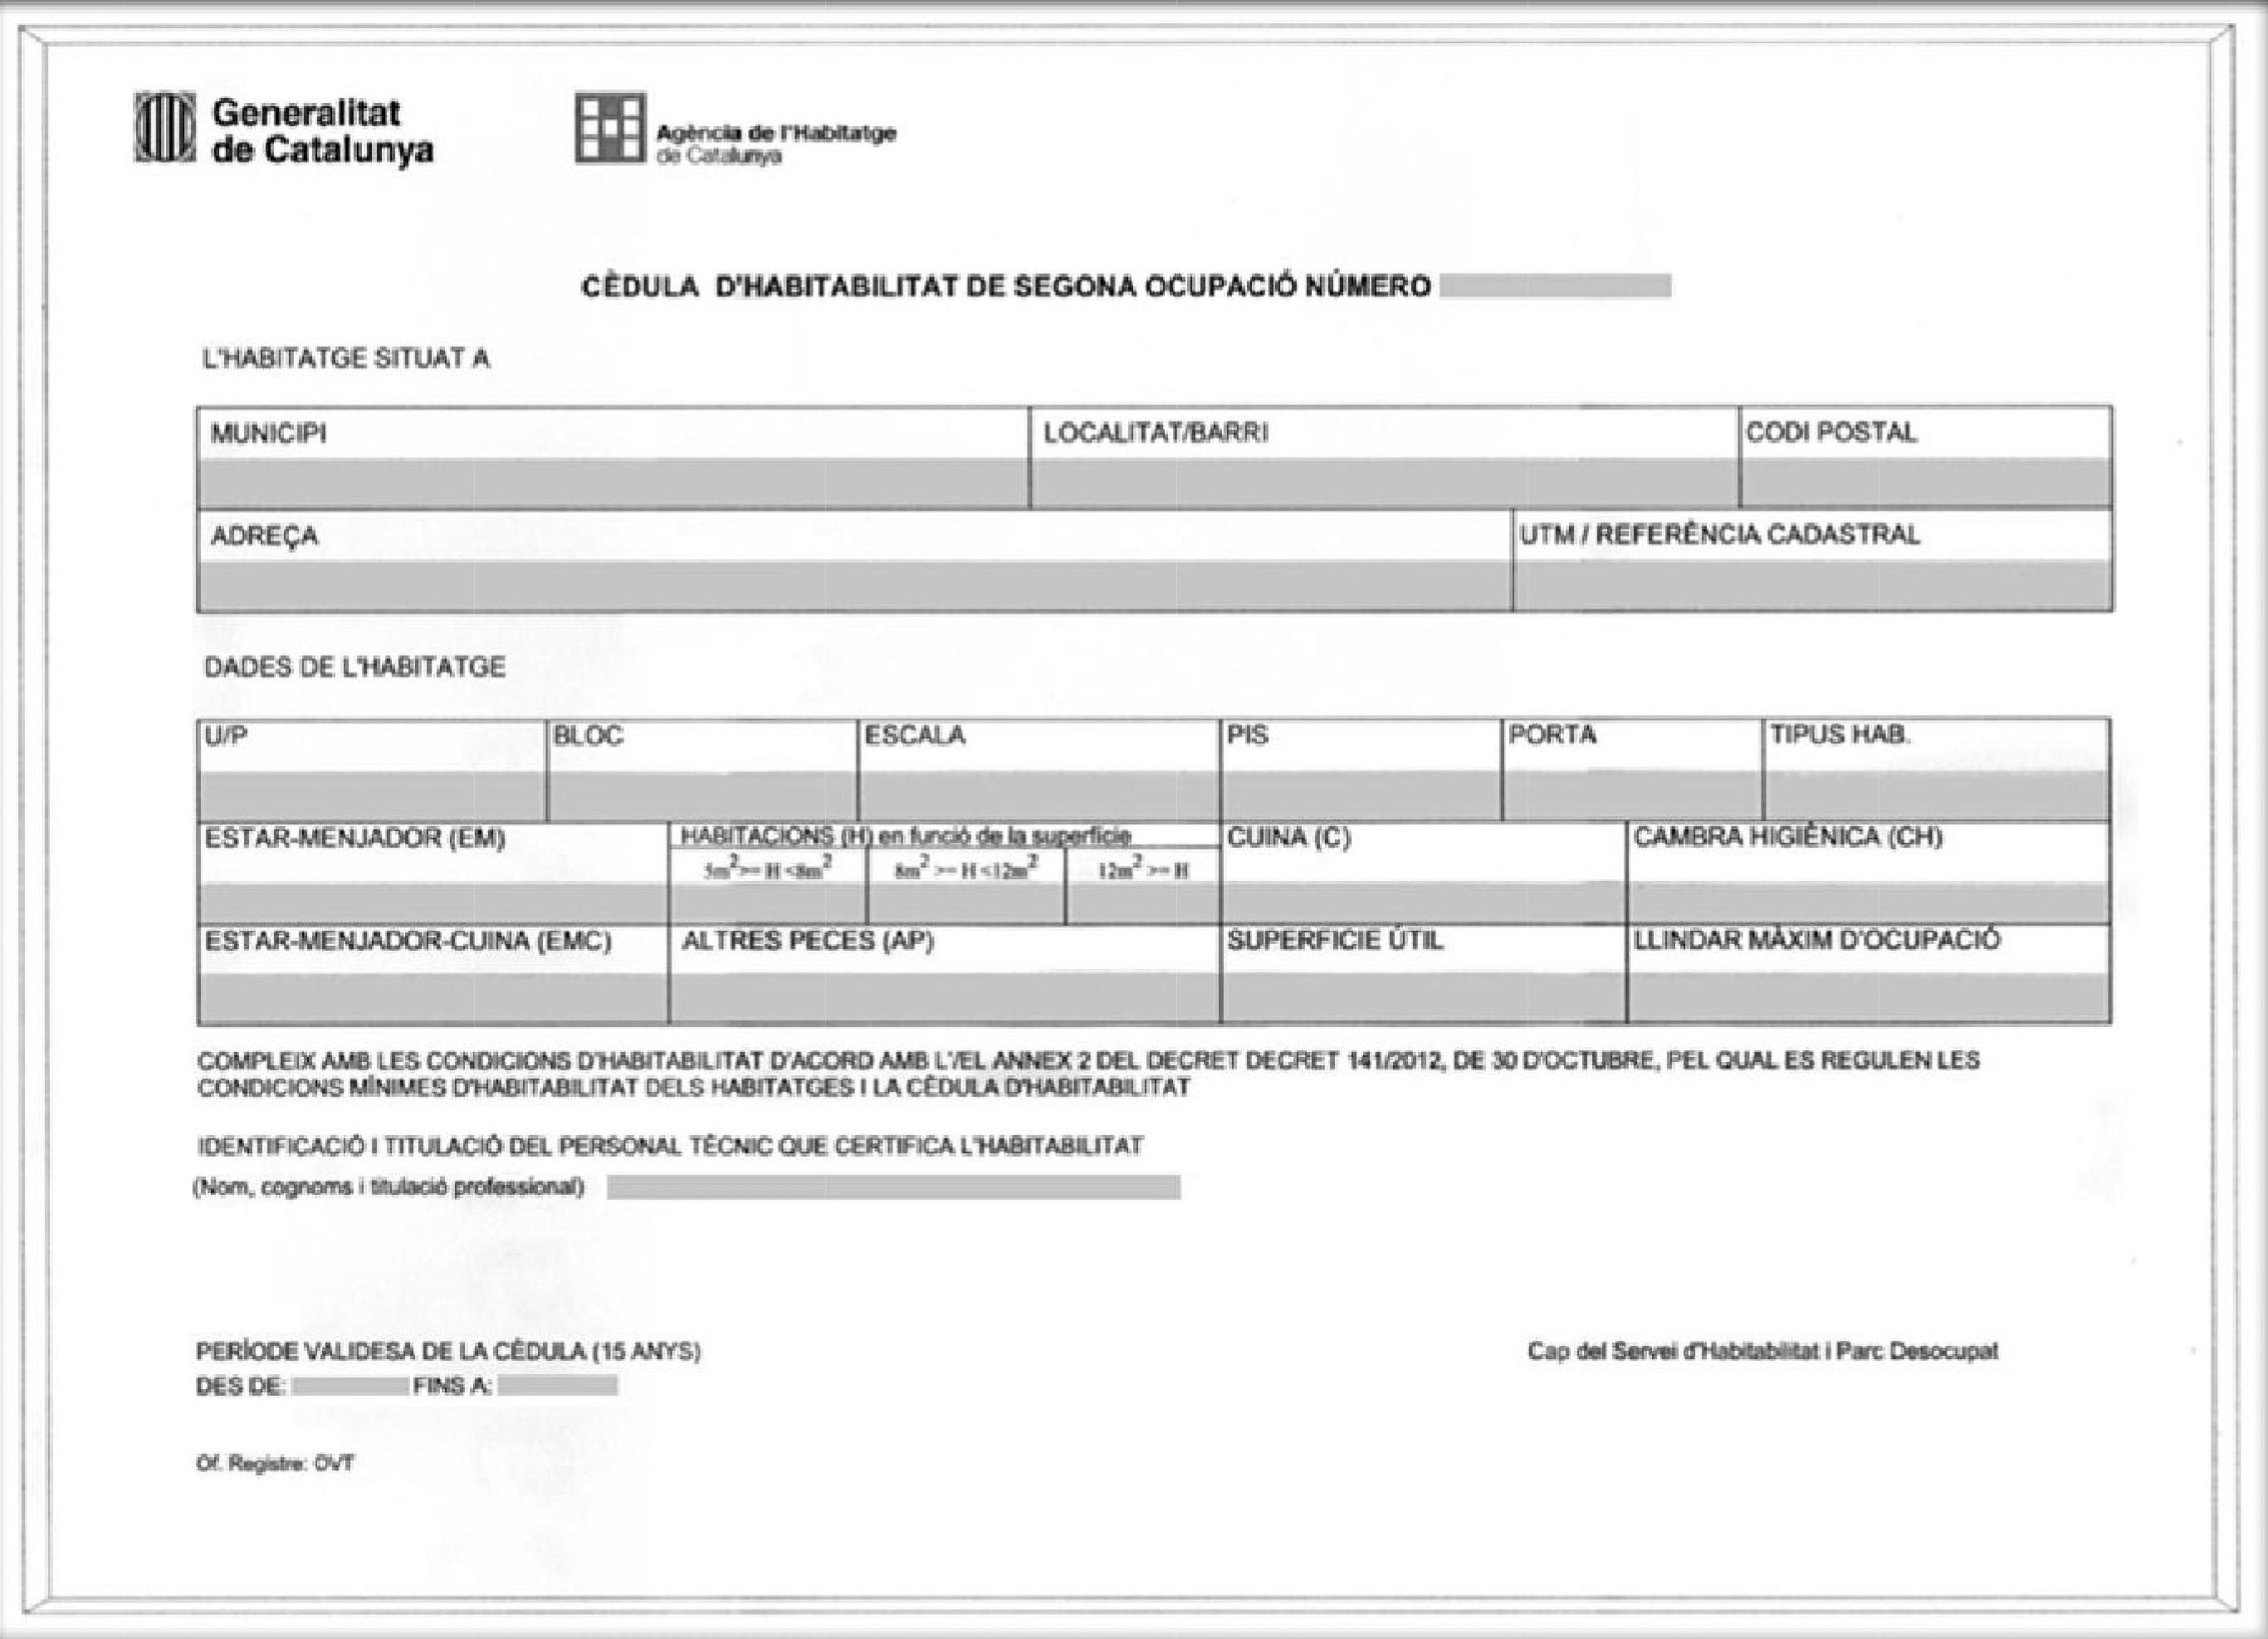 cedula-itearquitectes-e1531835713499.jpg